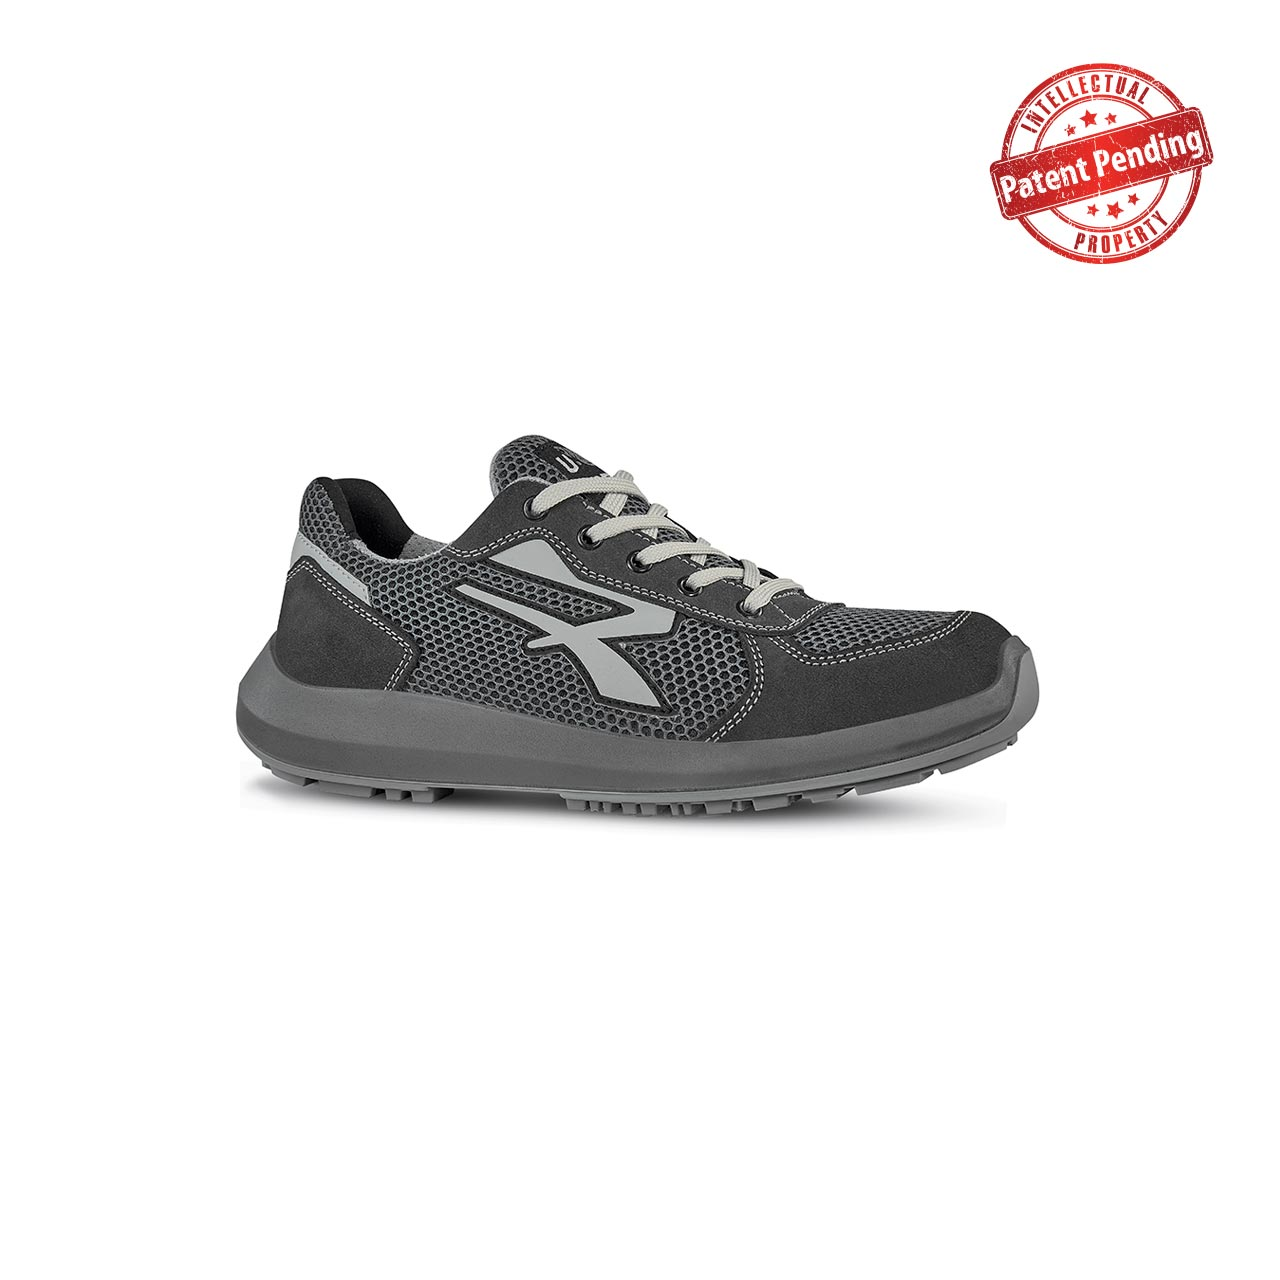 scarpa antinfortunistica upower modello draco linea redup vista laterale